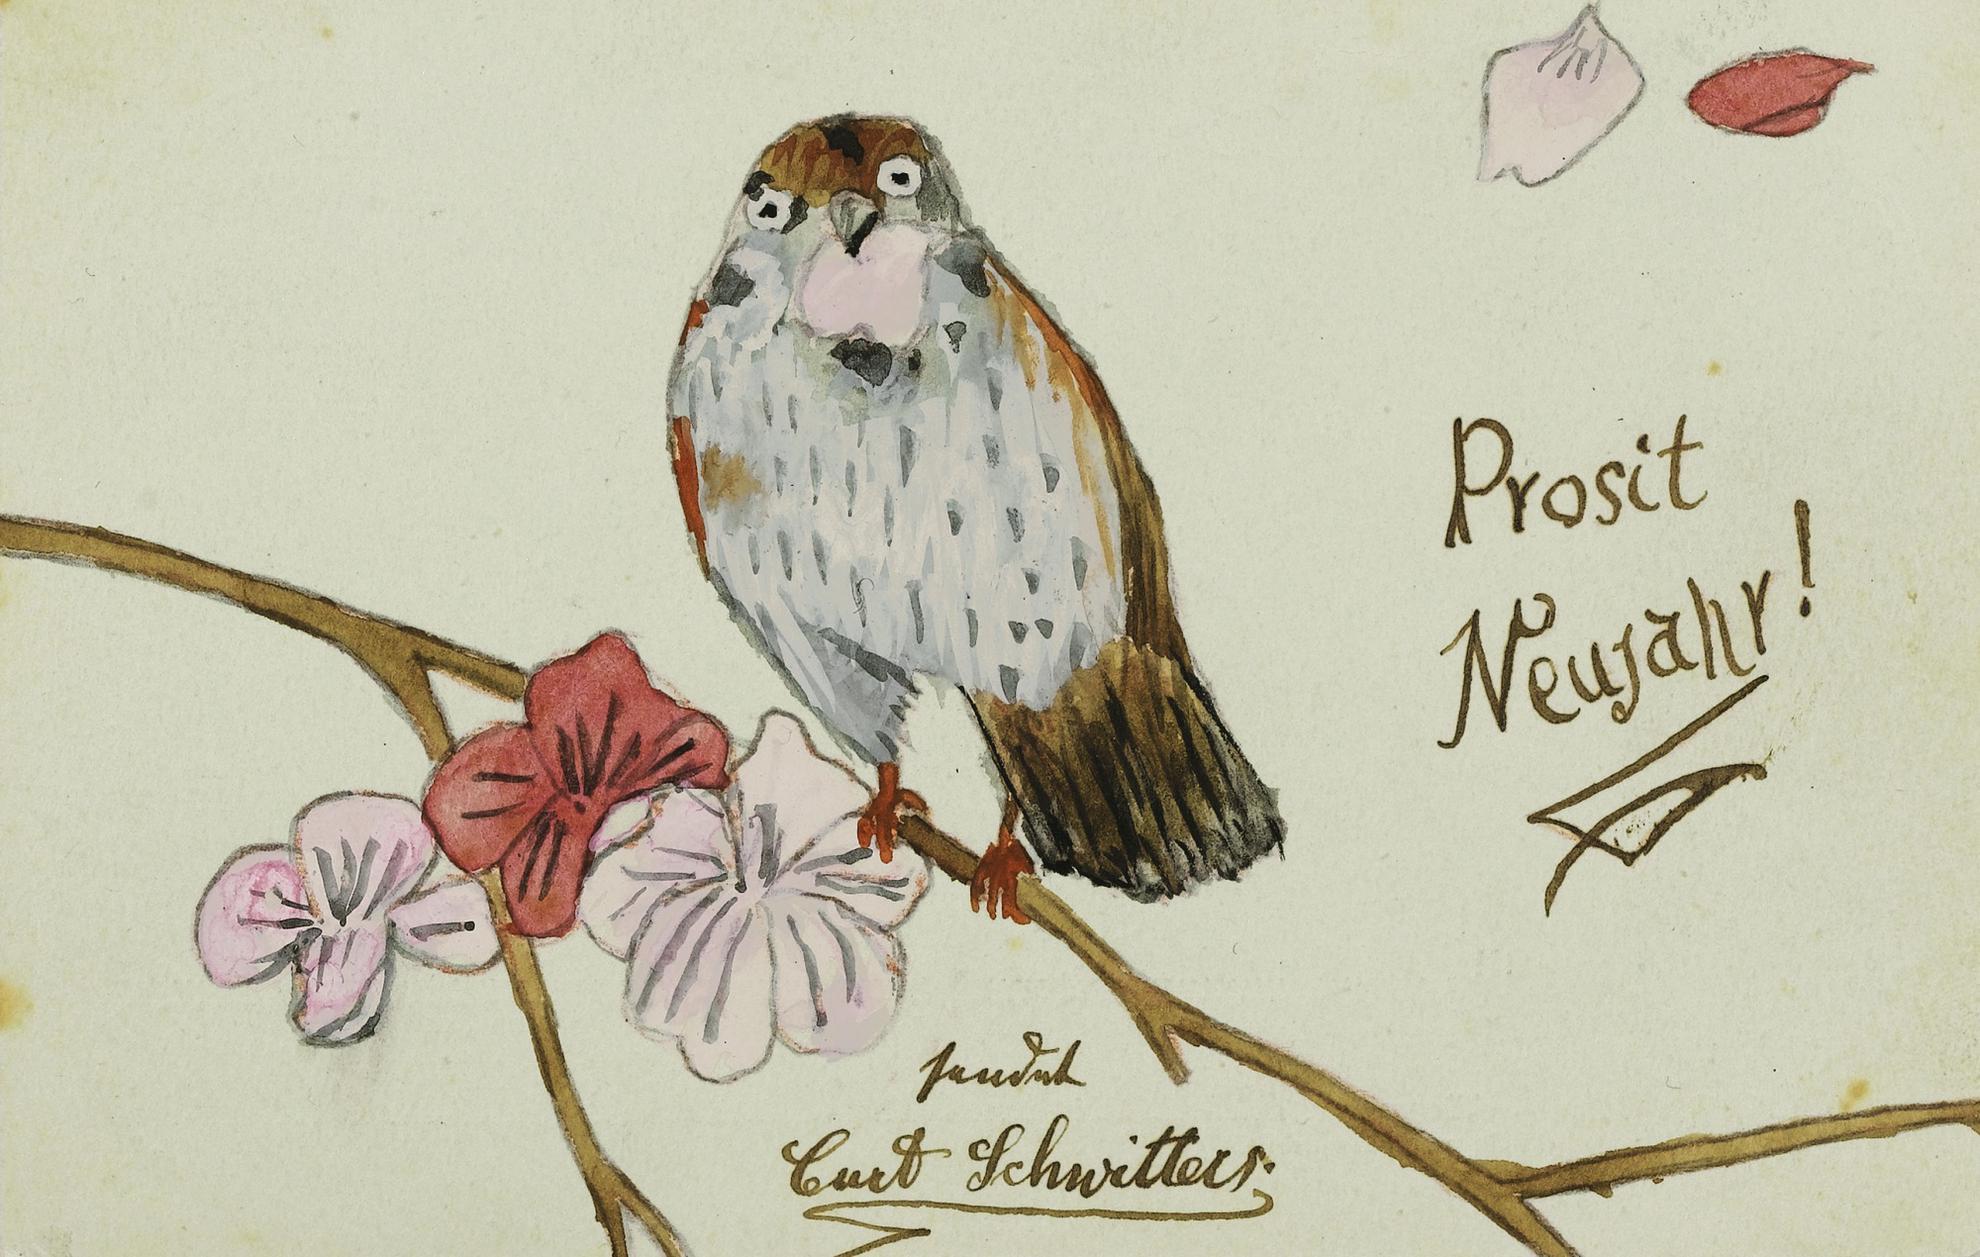 Kurt Schwitters-Ohne Titel (Prosit Neujahr!) (Untitled (Happy New Year!))-1907